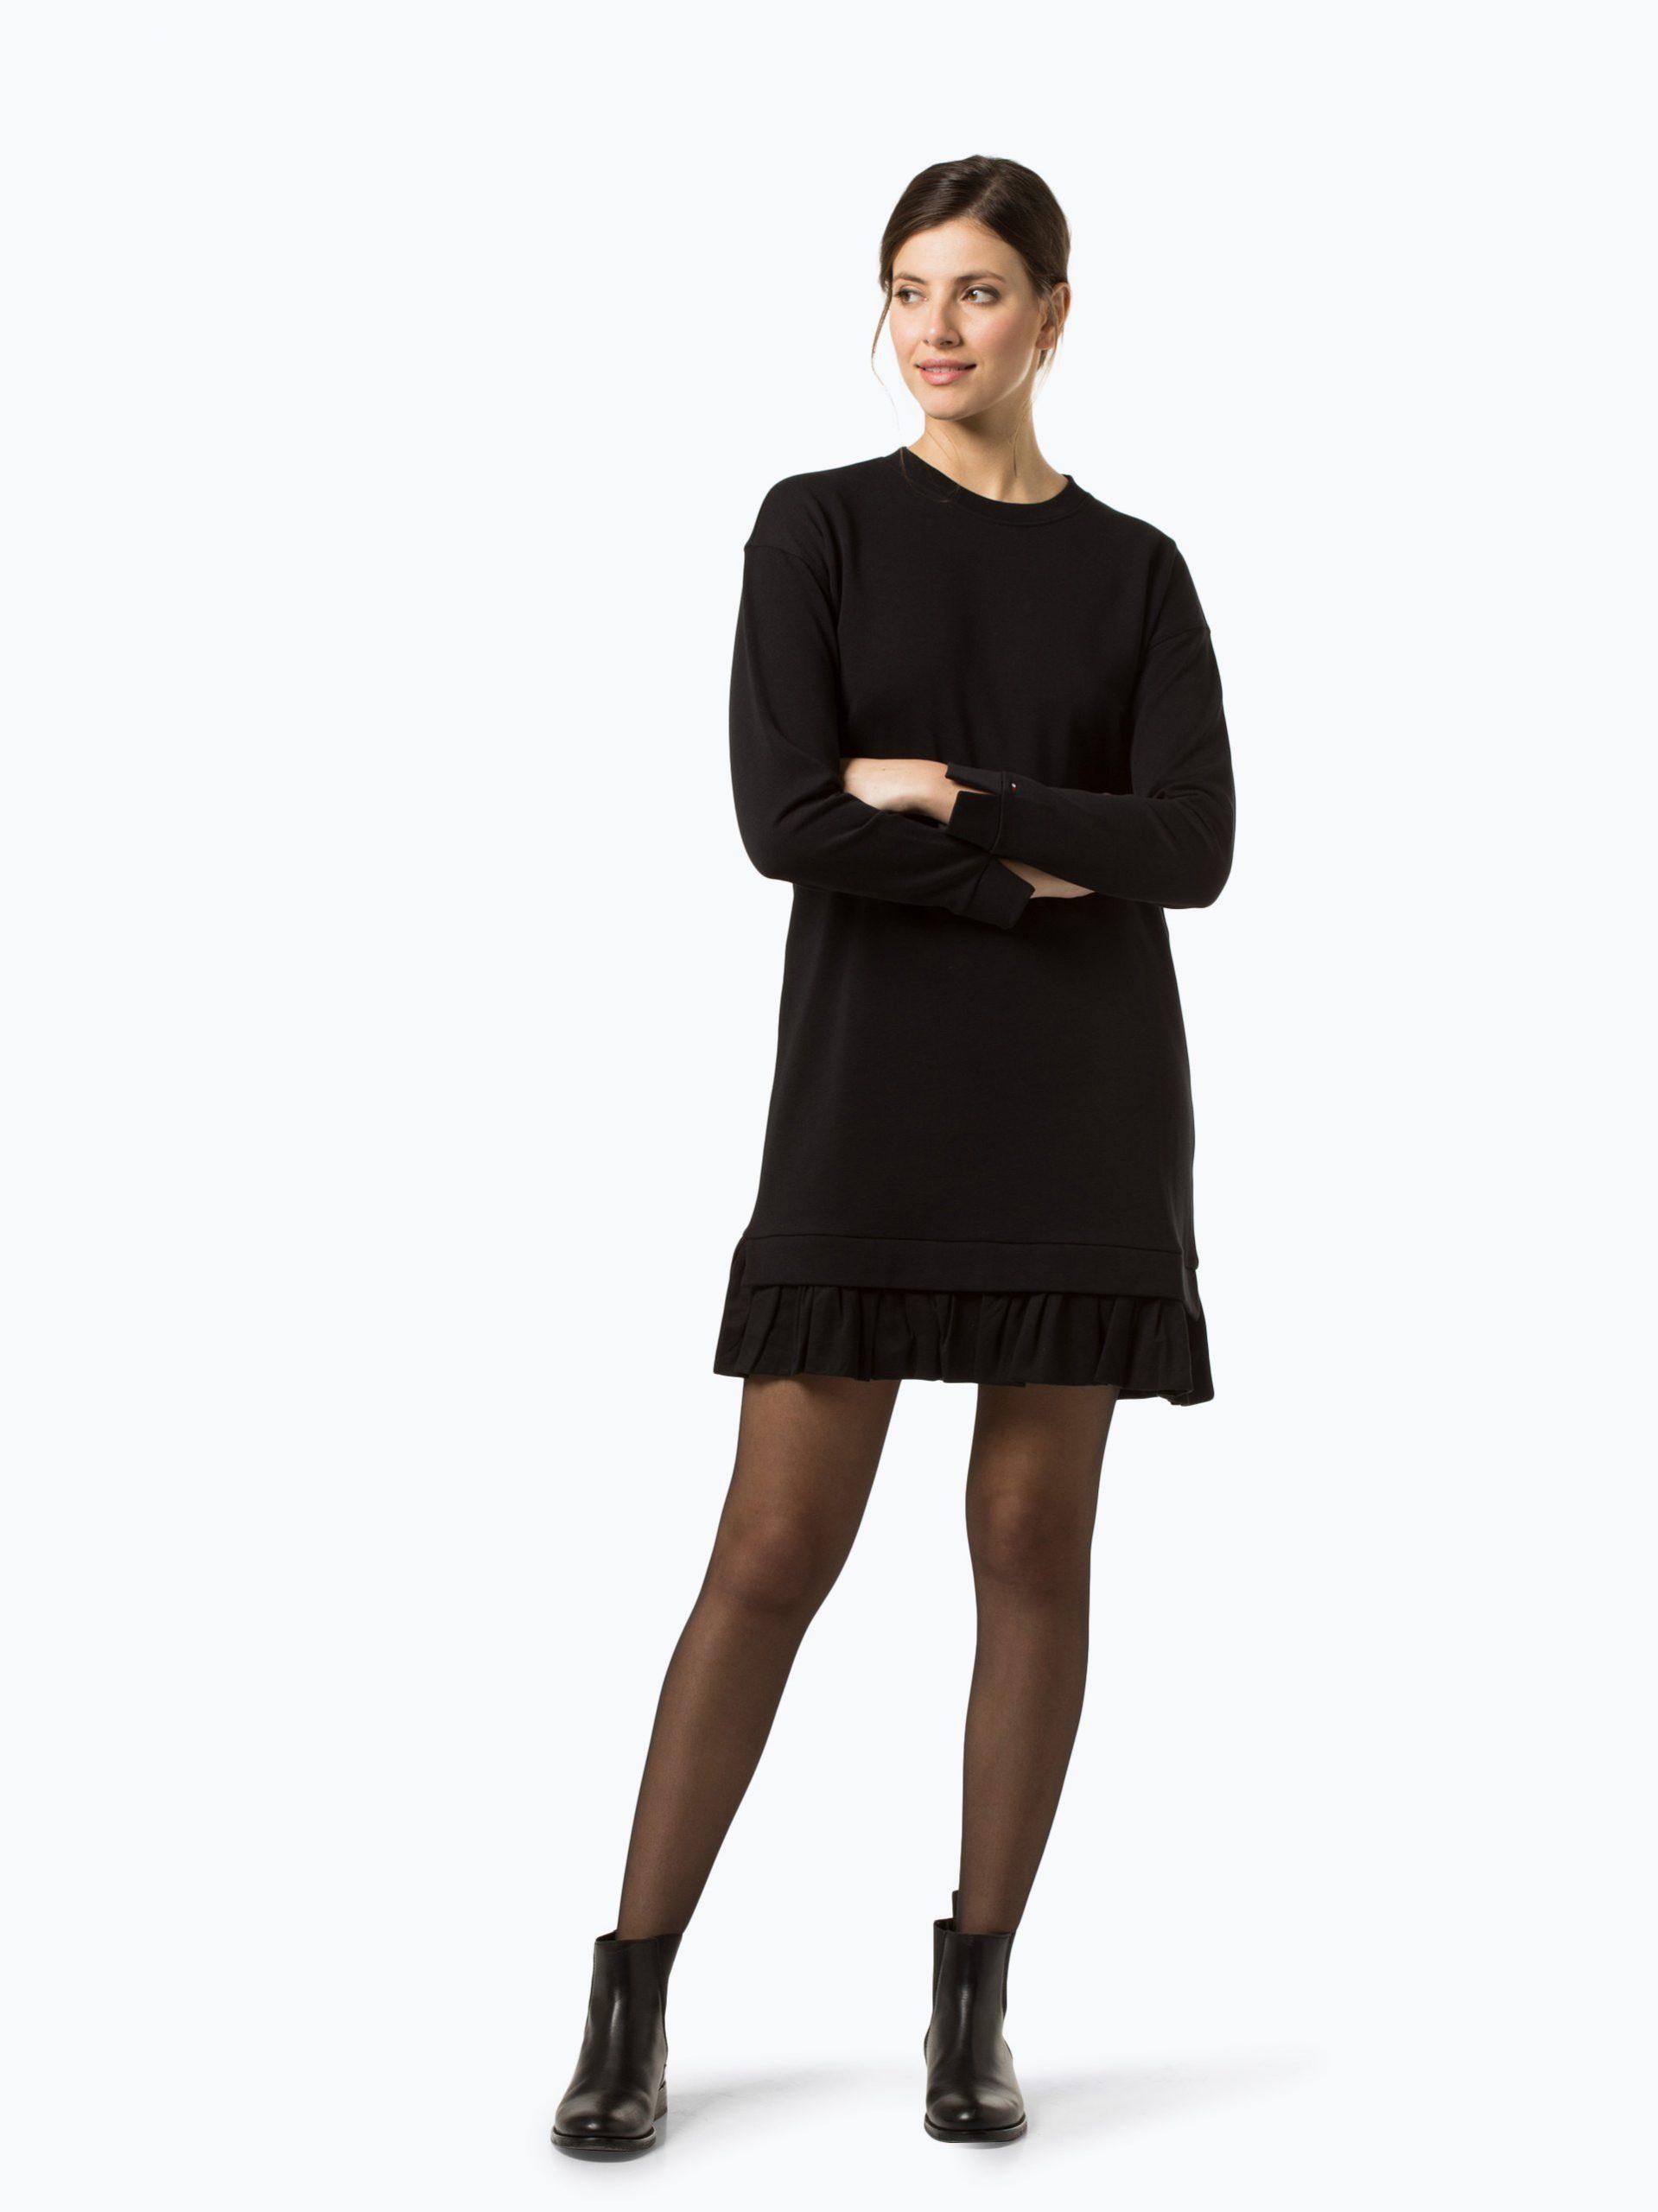 Tommy Hilfiger Damen Kleid  Joelle Online Kaufen  Peek